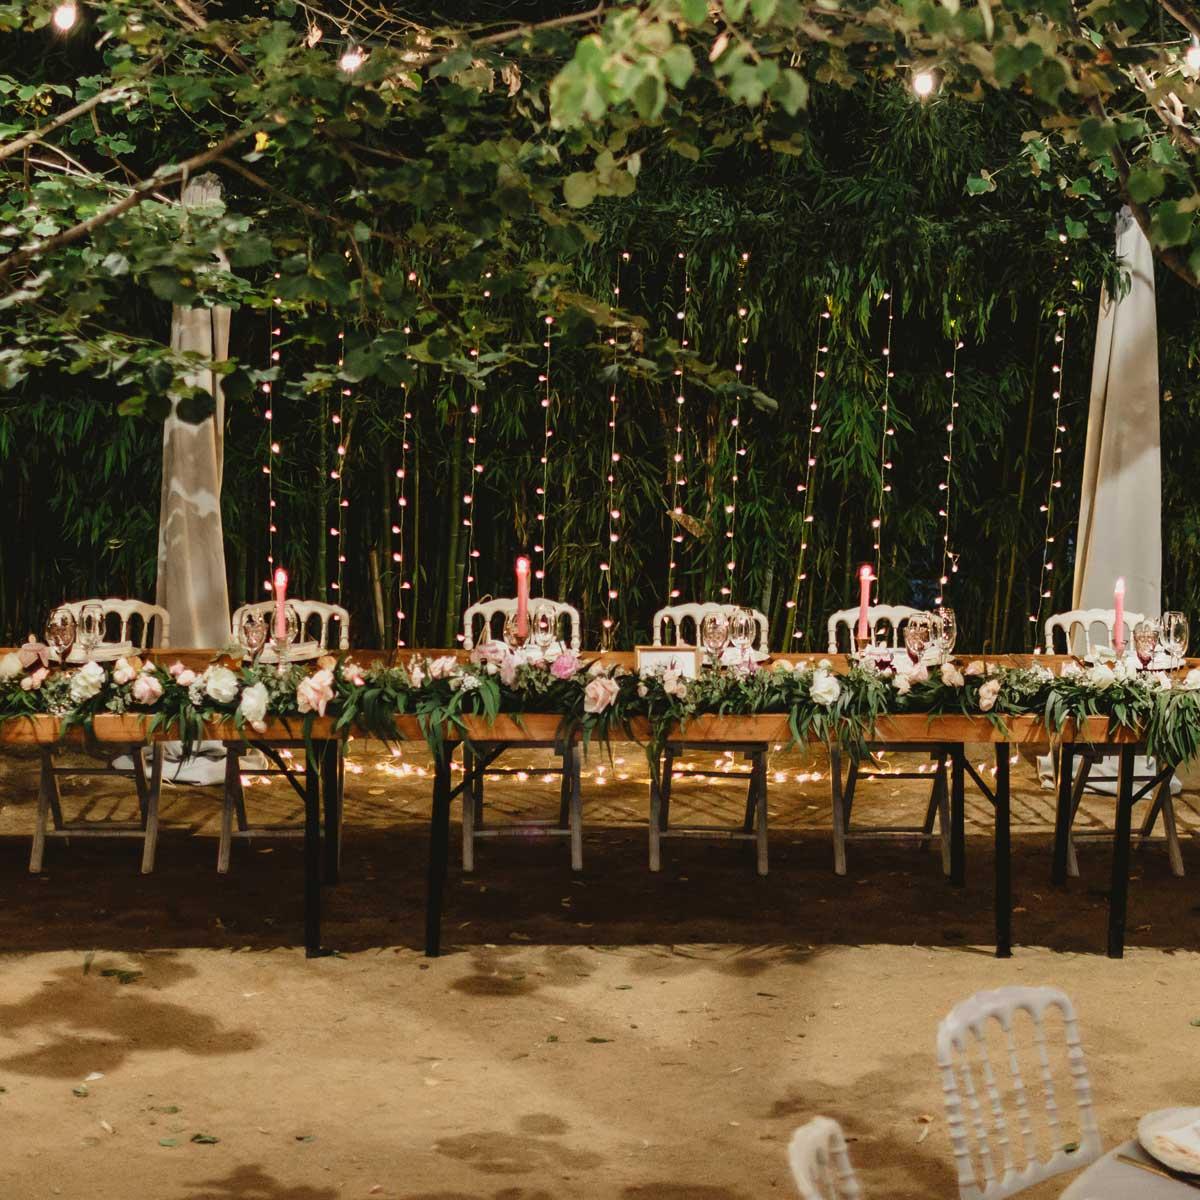 Decoración floral de bodas y banquetes